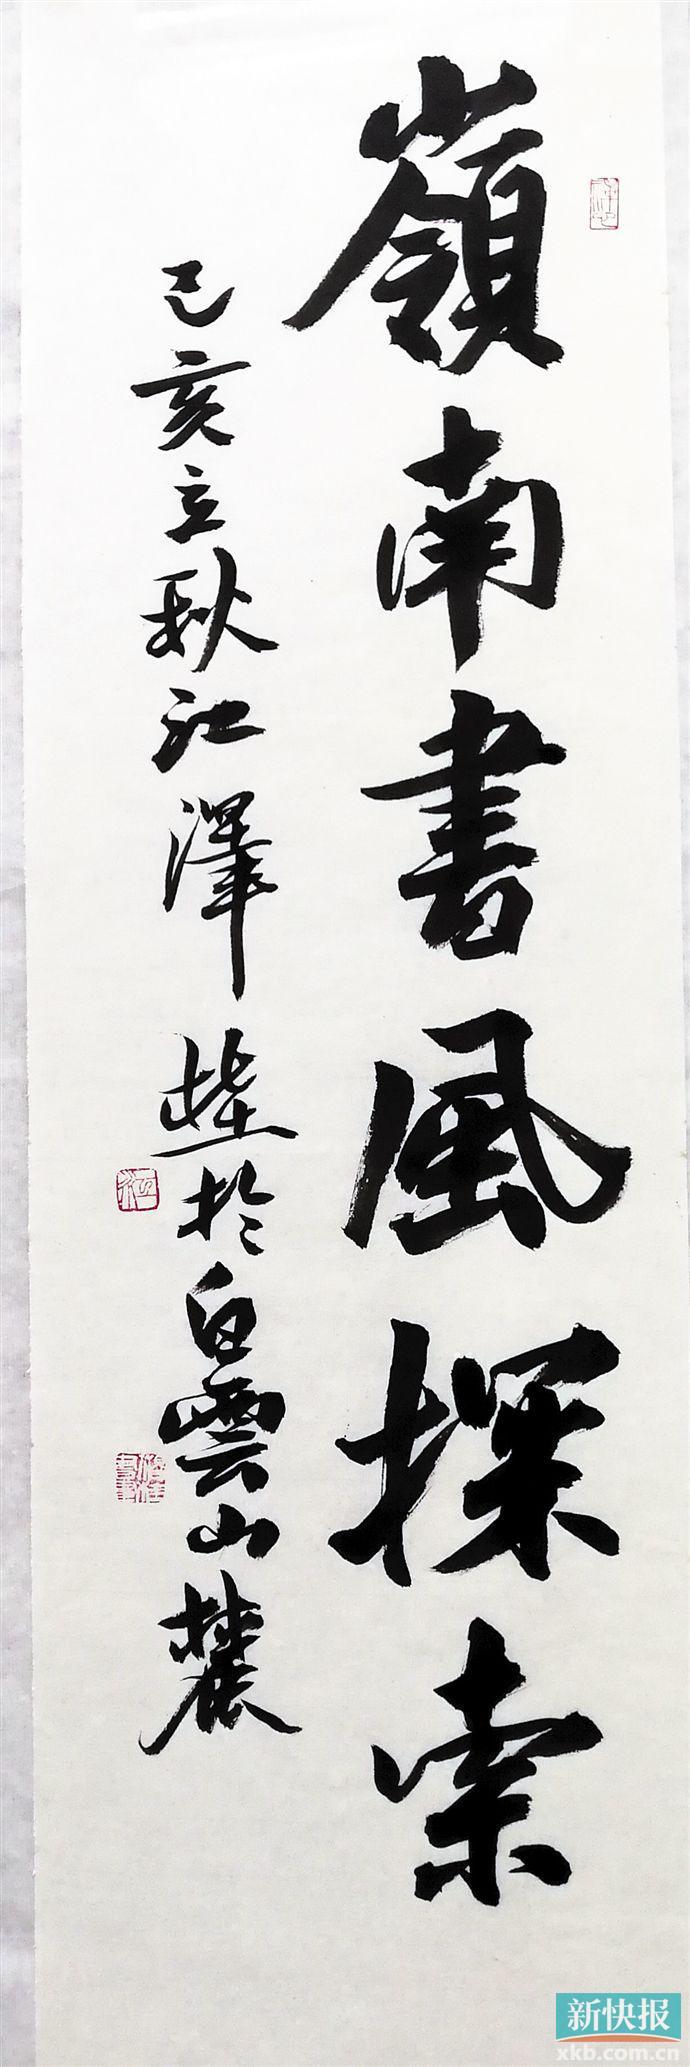 岭南书法的多元之风